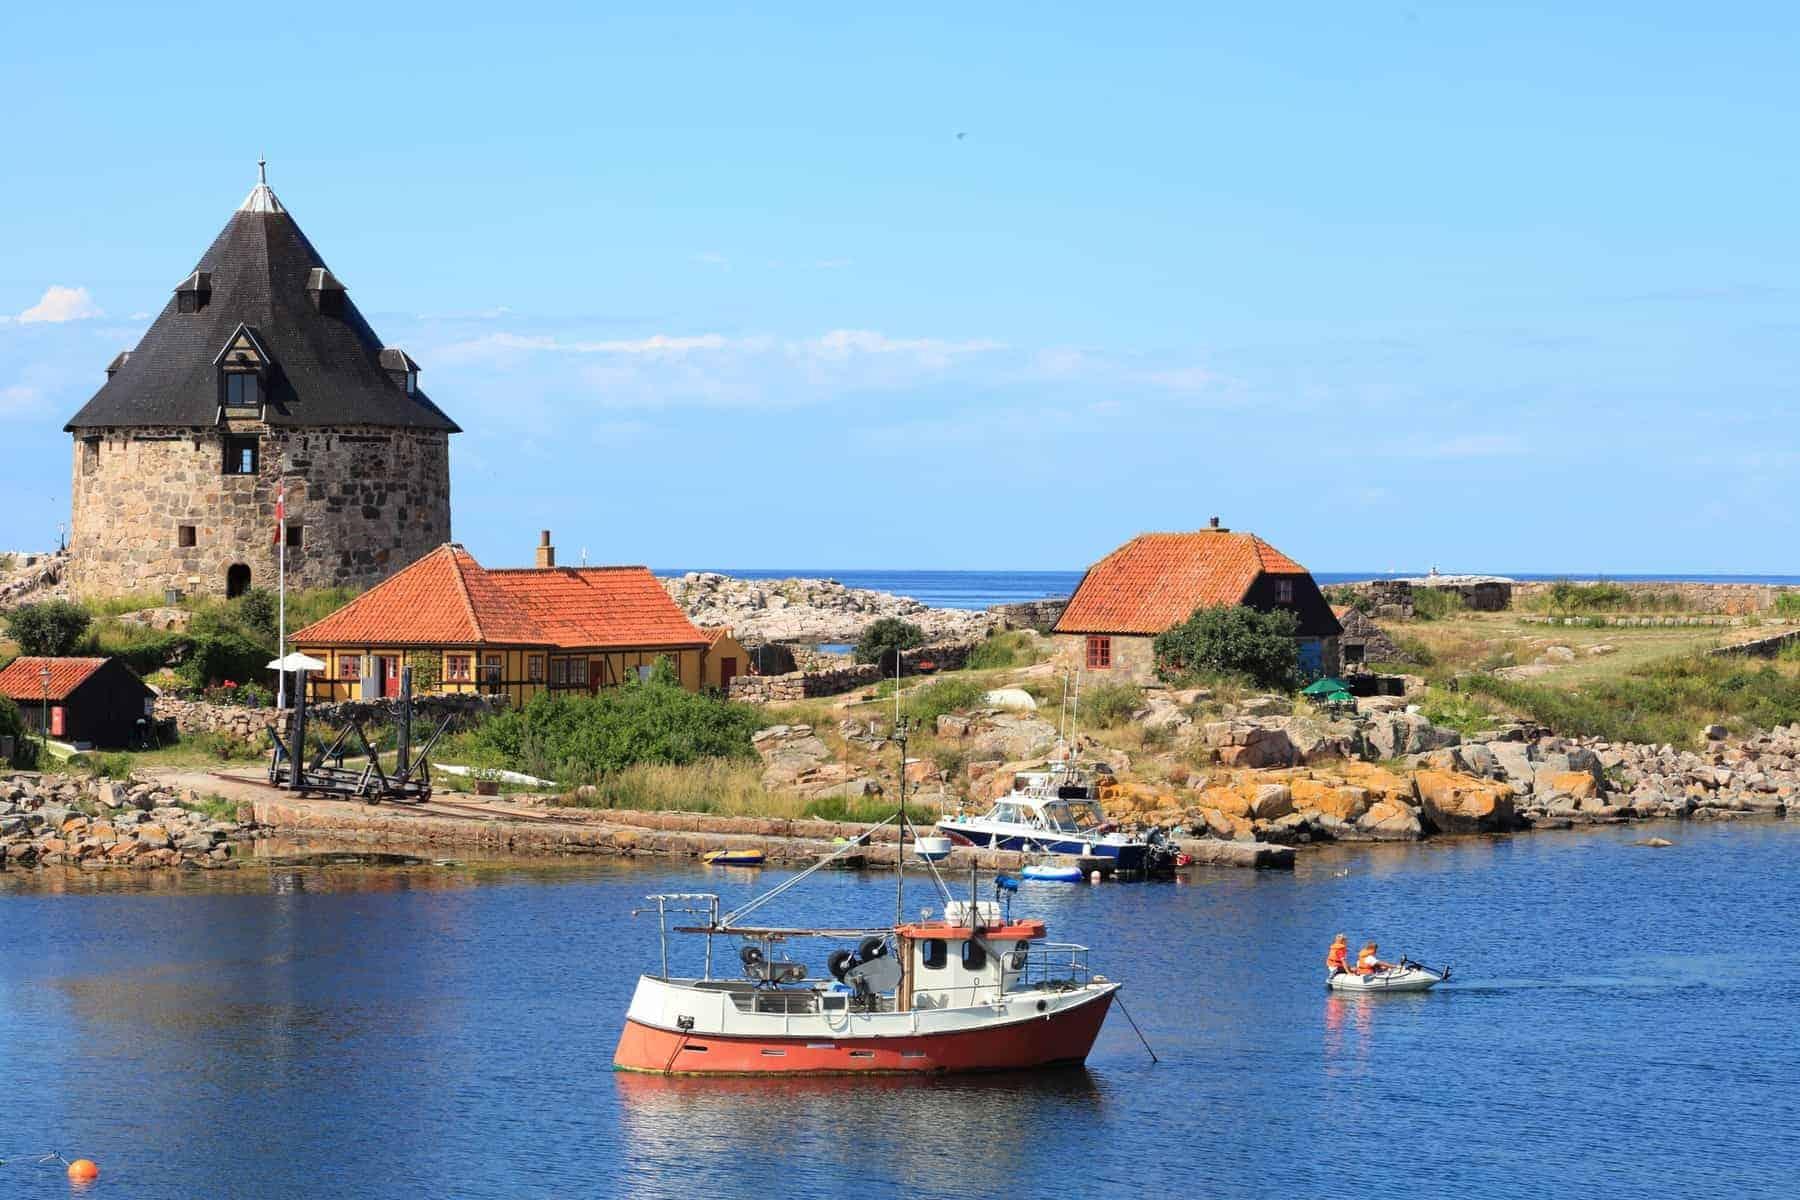 Fort på Christiansø Bornholm Denmark